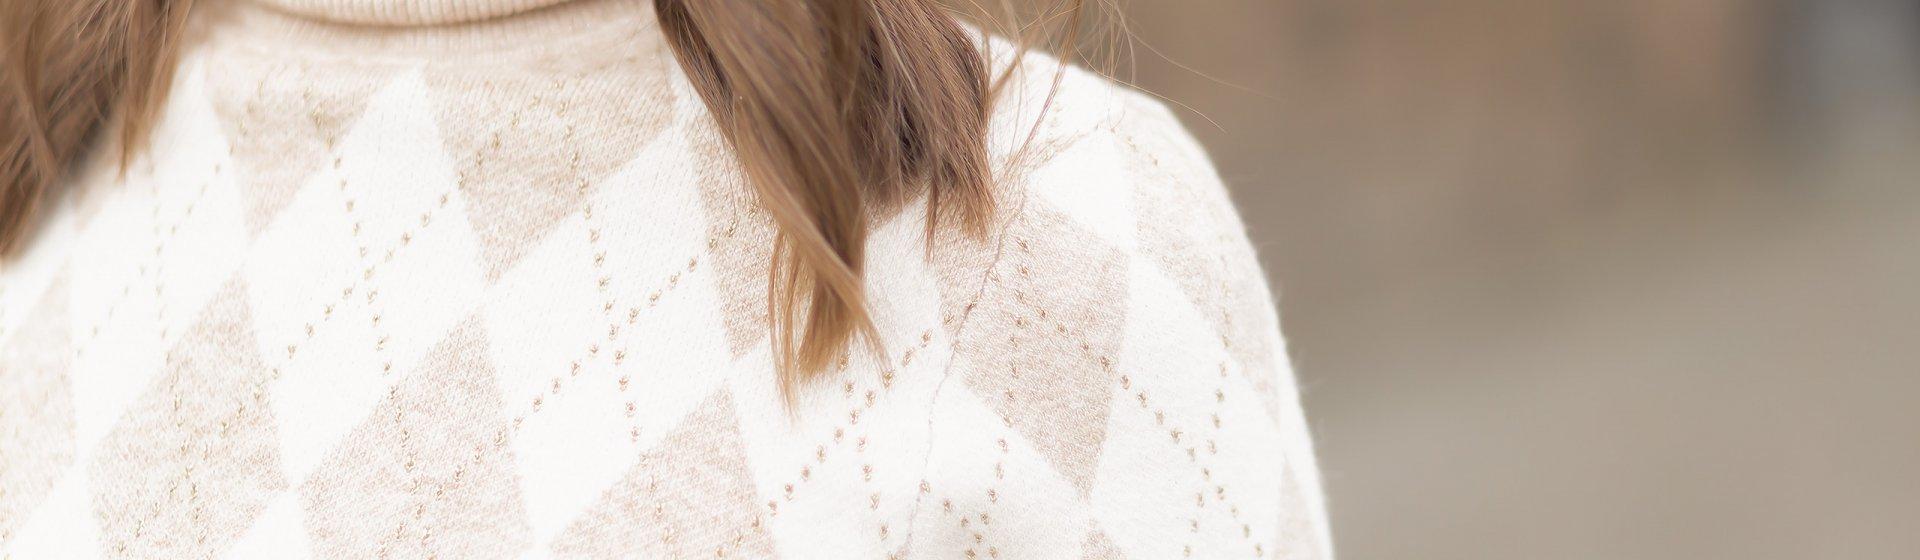 Pullover mit Rautenmuster im Winter stylen, Wintertrend, weite Hosen, Shoelove by Deichmann